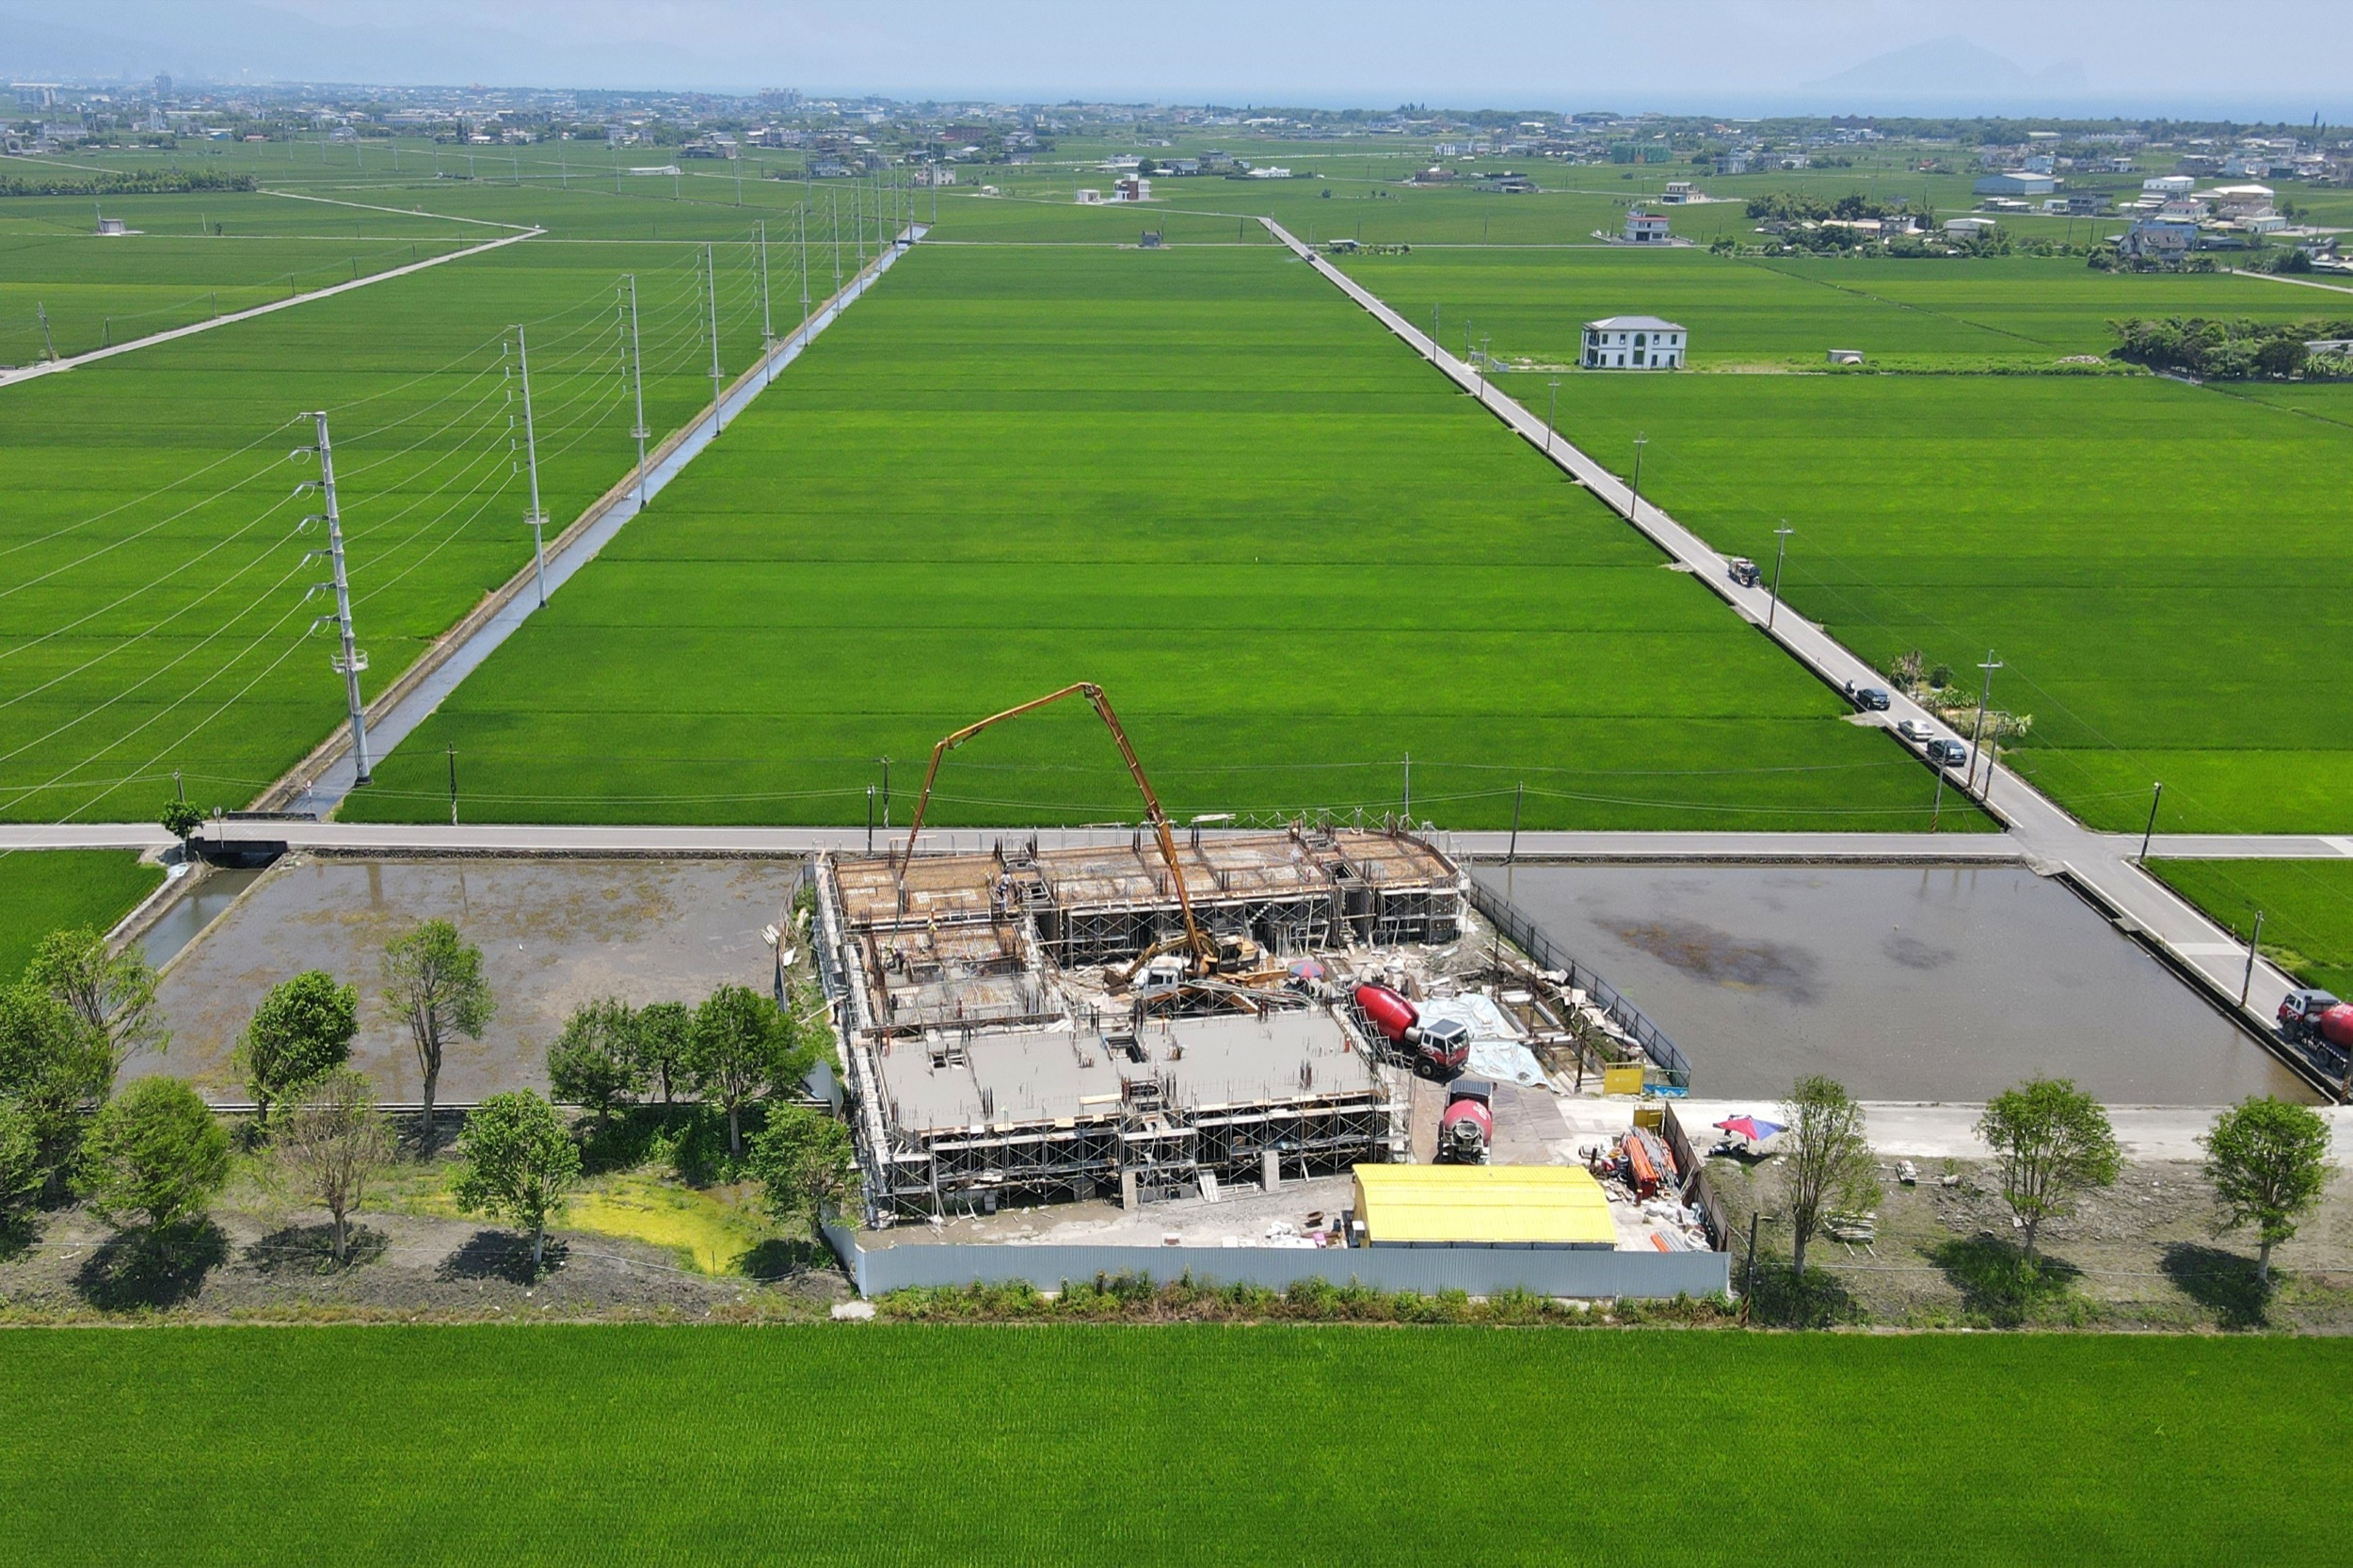 德築-DEZU-project-Zumi-architecture-real-estate-engineering-3